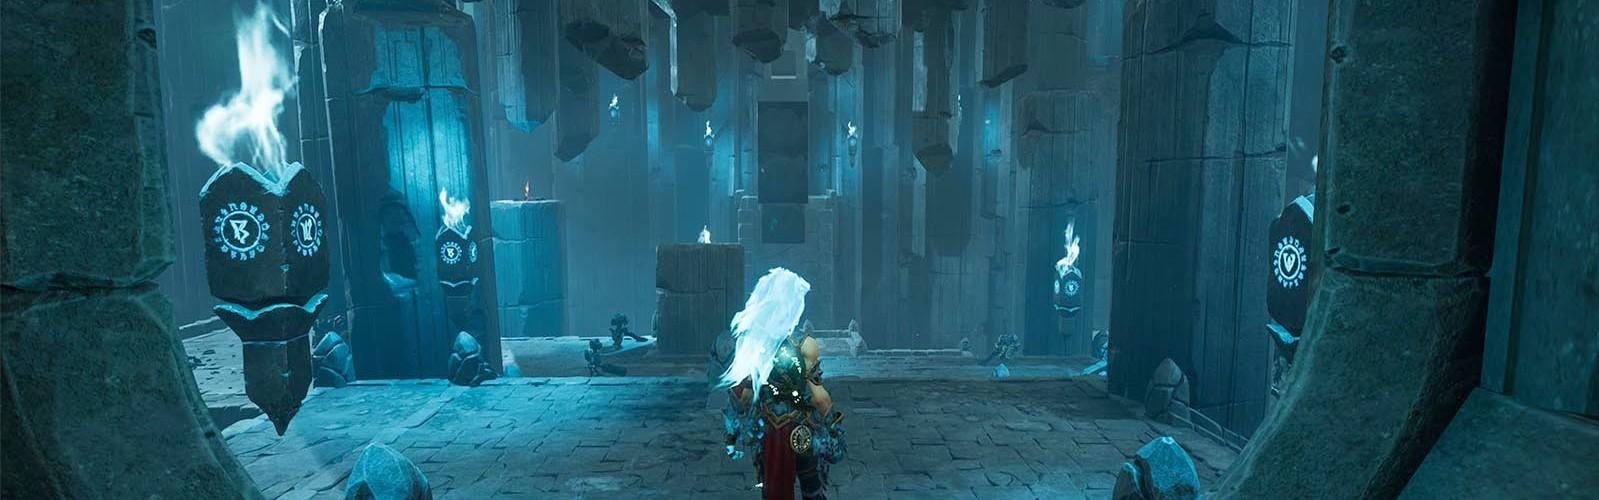 Darksiders III - Keepers of the Void (DLC) Steam Key GLOBAL